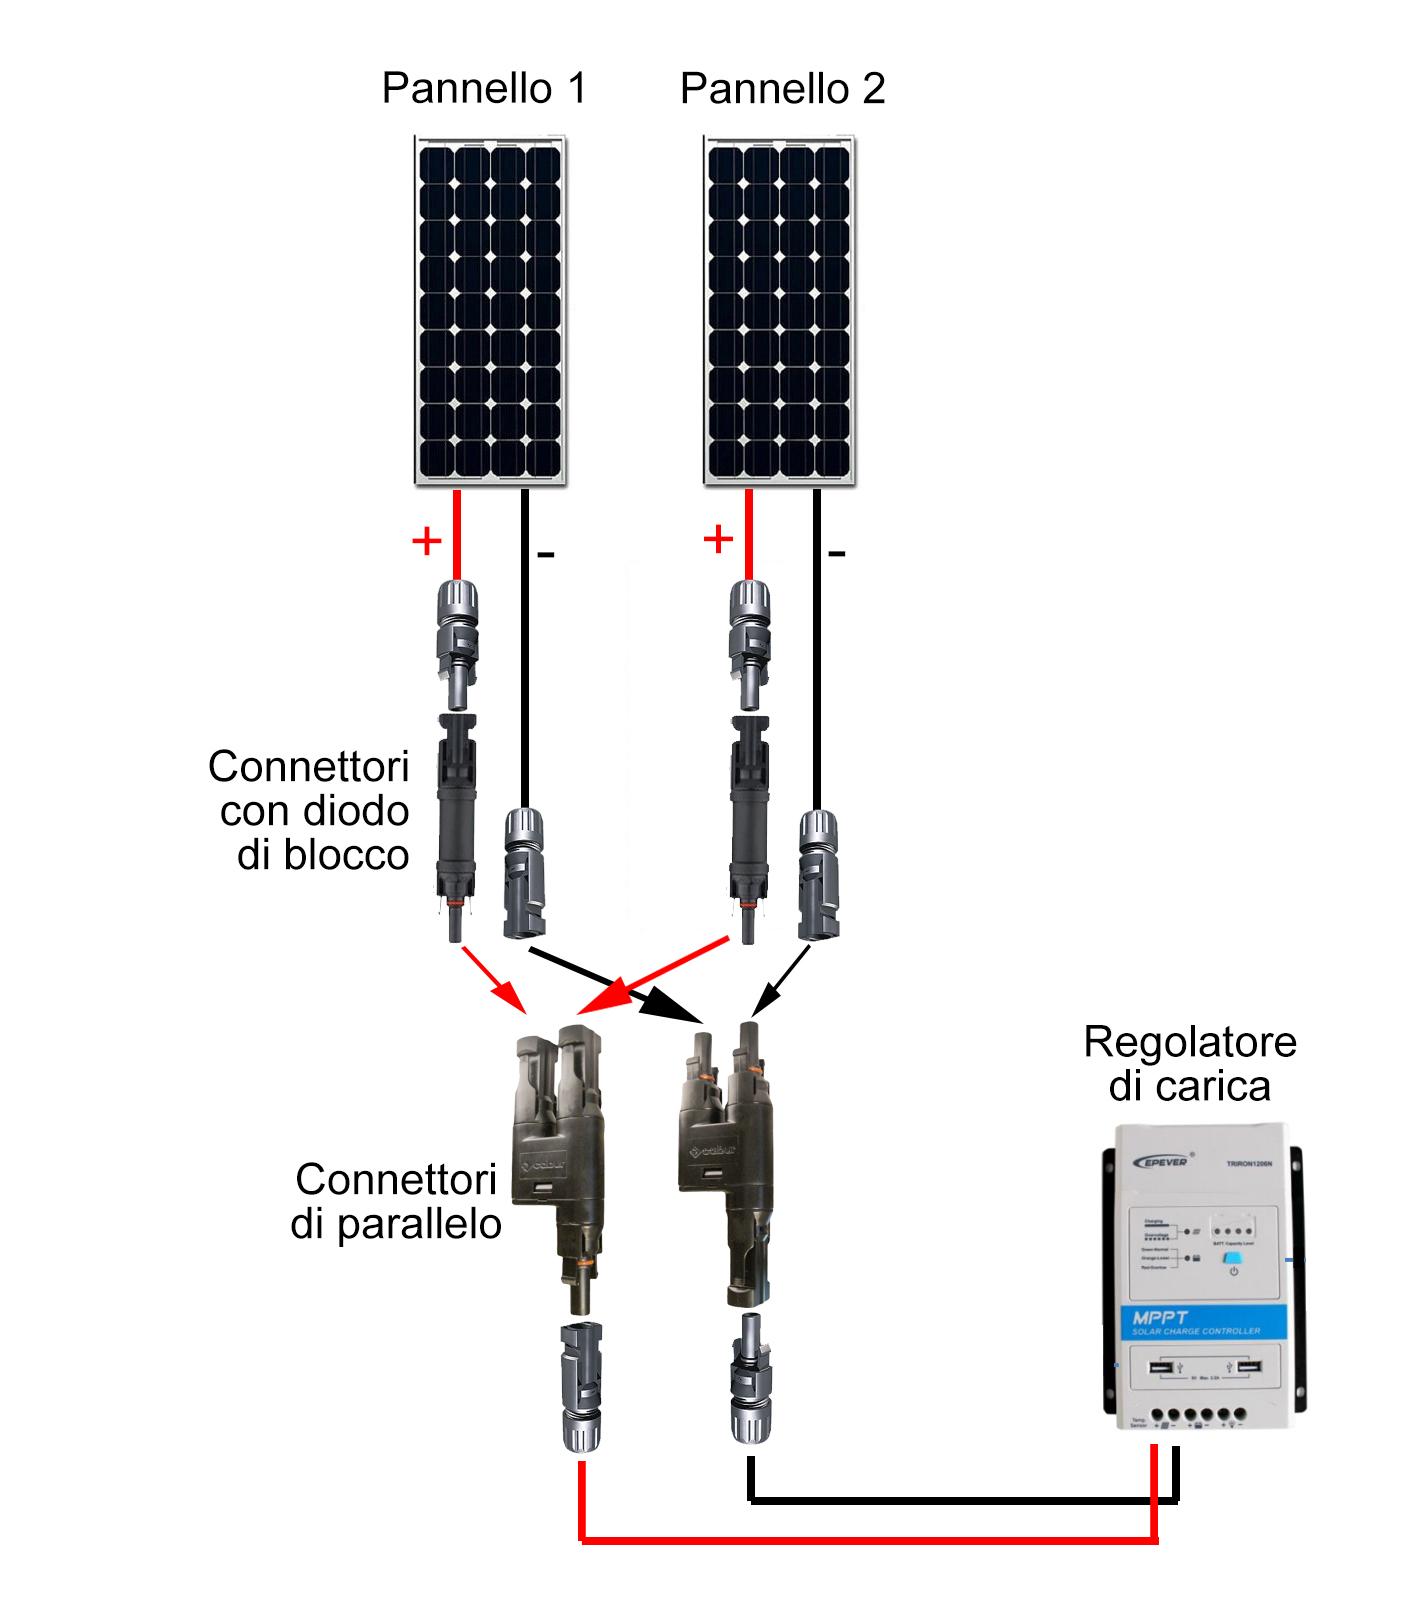 Connessione pannelli fv in parallelo con MC4